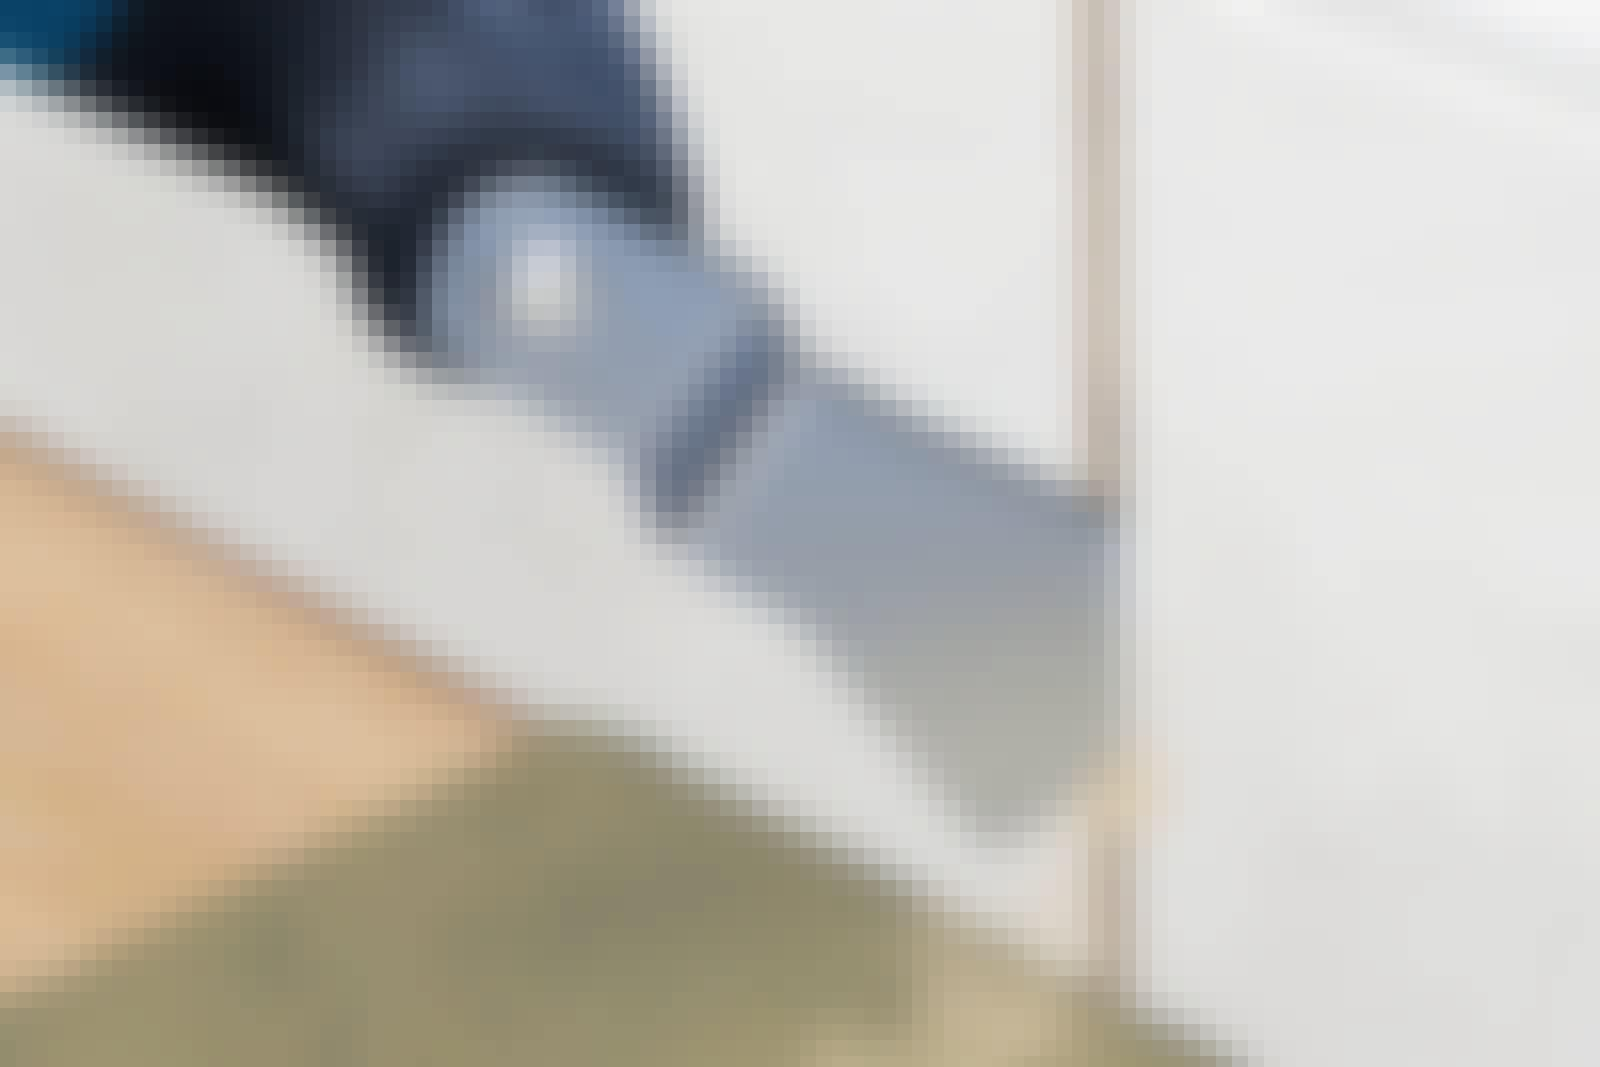 Multikutter: Beskytt underlaget: Dekk til, så din multikutter ikke lager riper